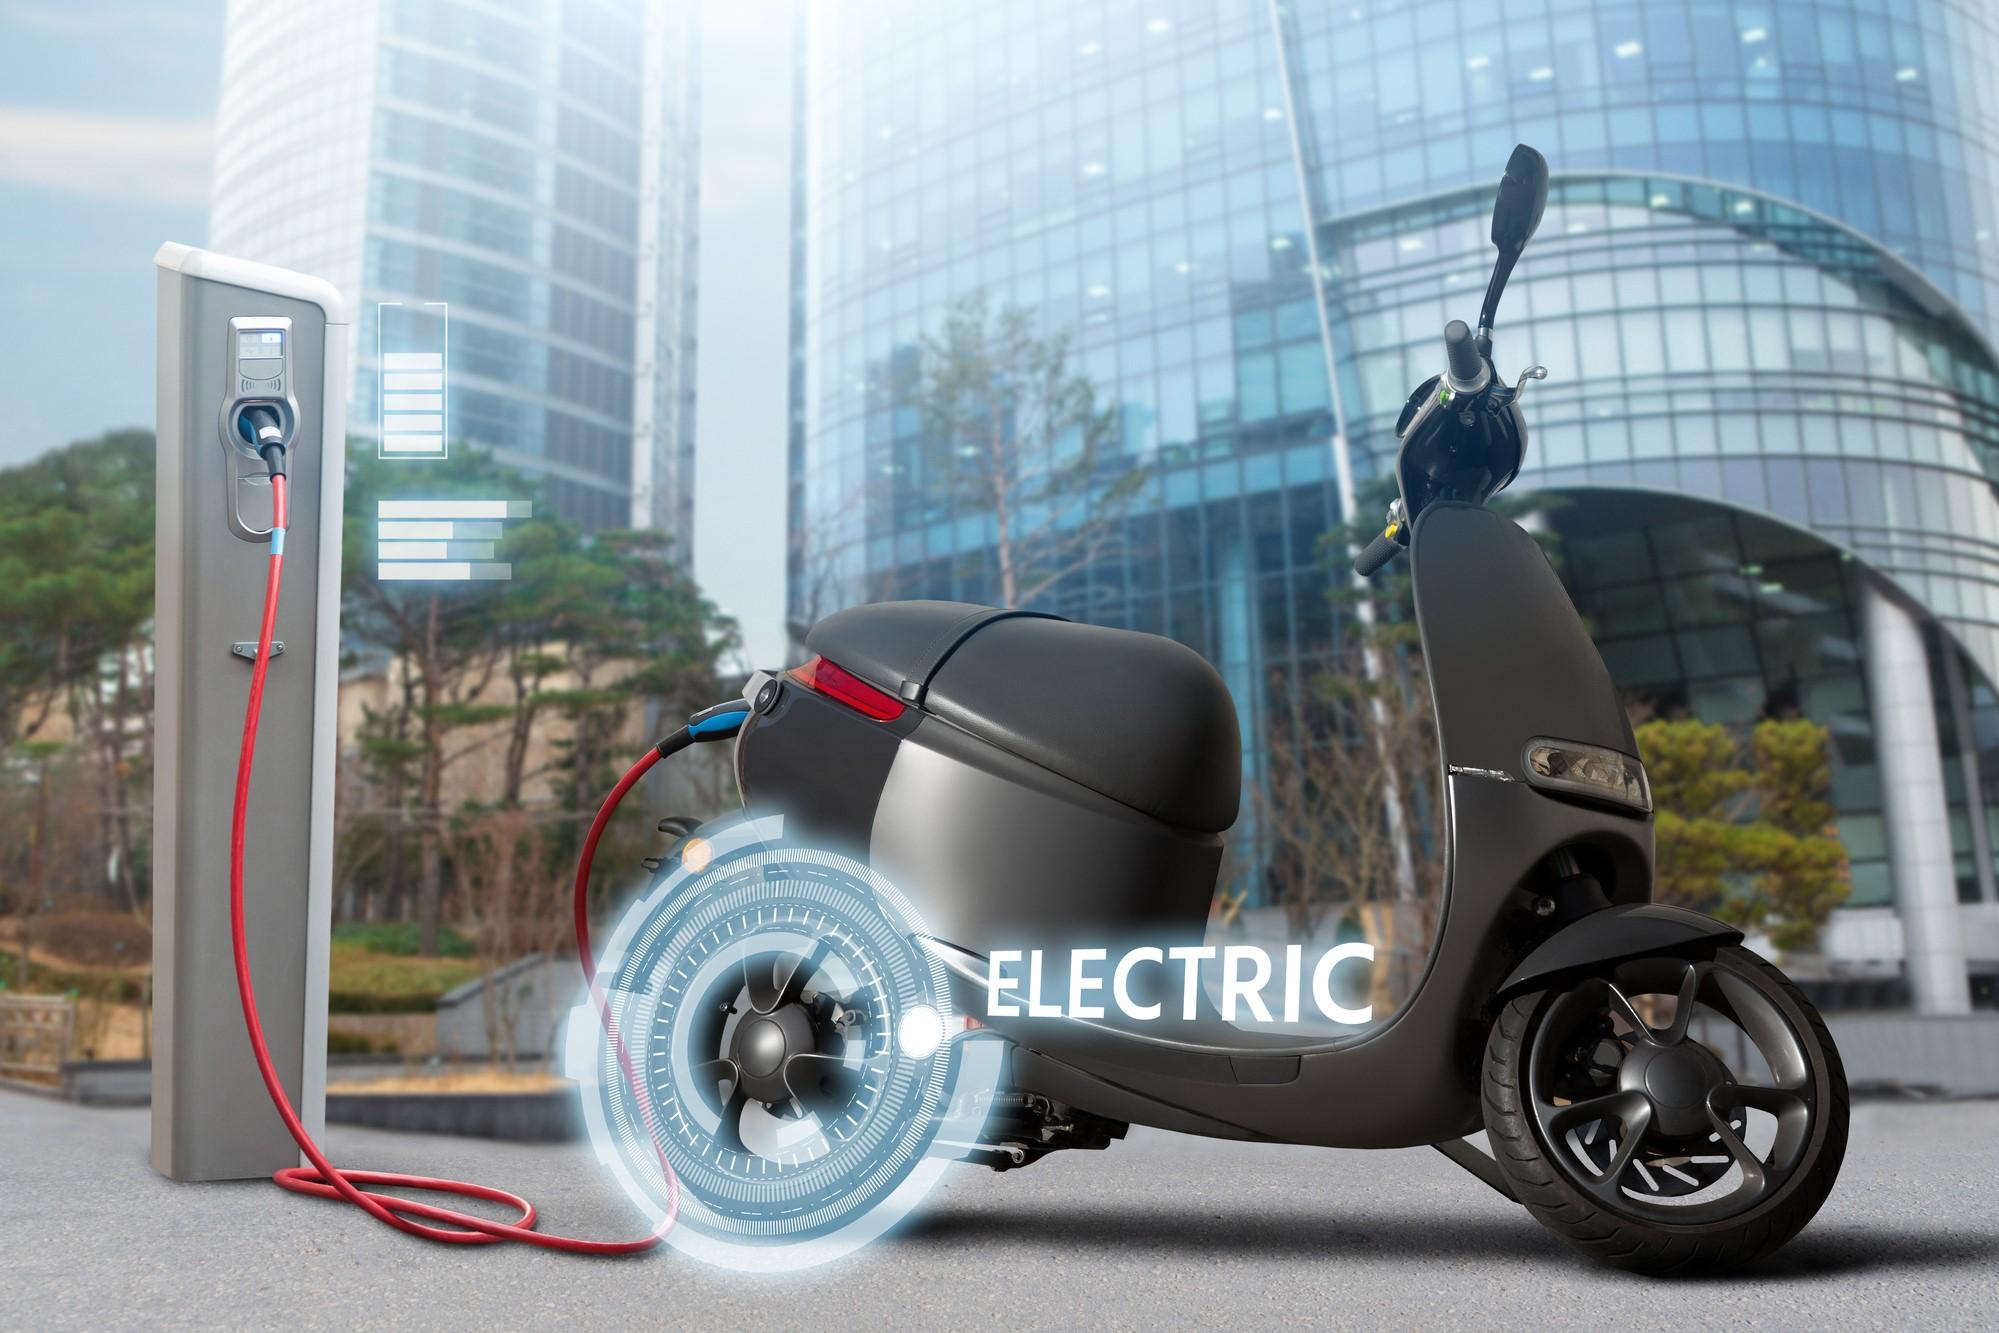 Motos elèctriques. Quines són les millors del mercat?